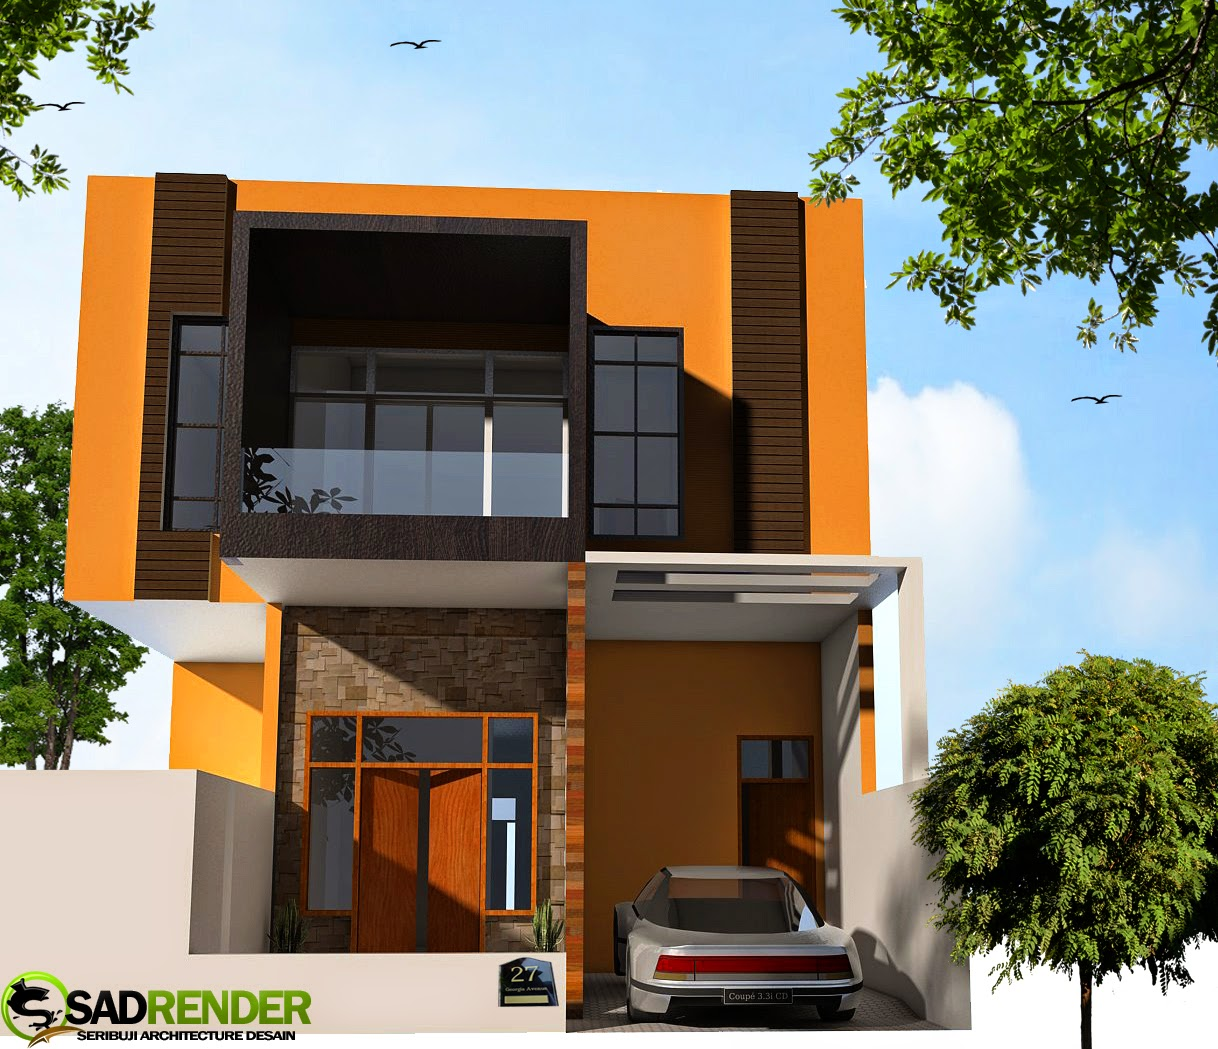 arsitek, desain bangunan, jasa arsitek, jasa bangunan, JASA DESAIN, Jasa Desain Bangunan